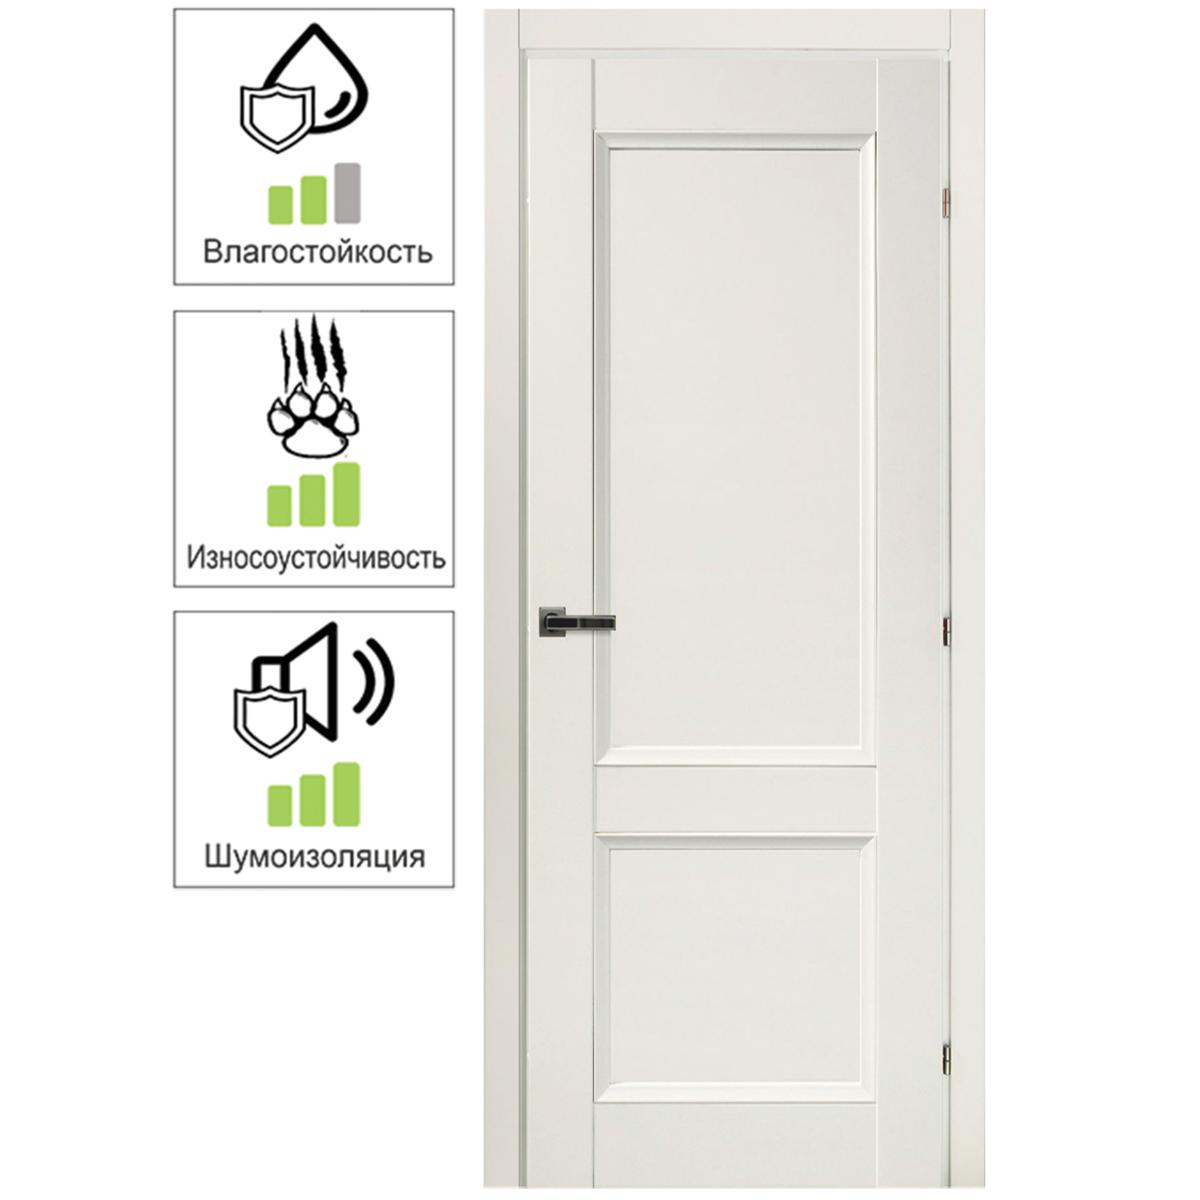 Дверь межкомнатная Танганика 90х200 см CPL цвет белый с фурнитурой